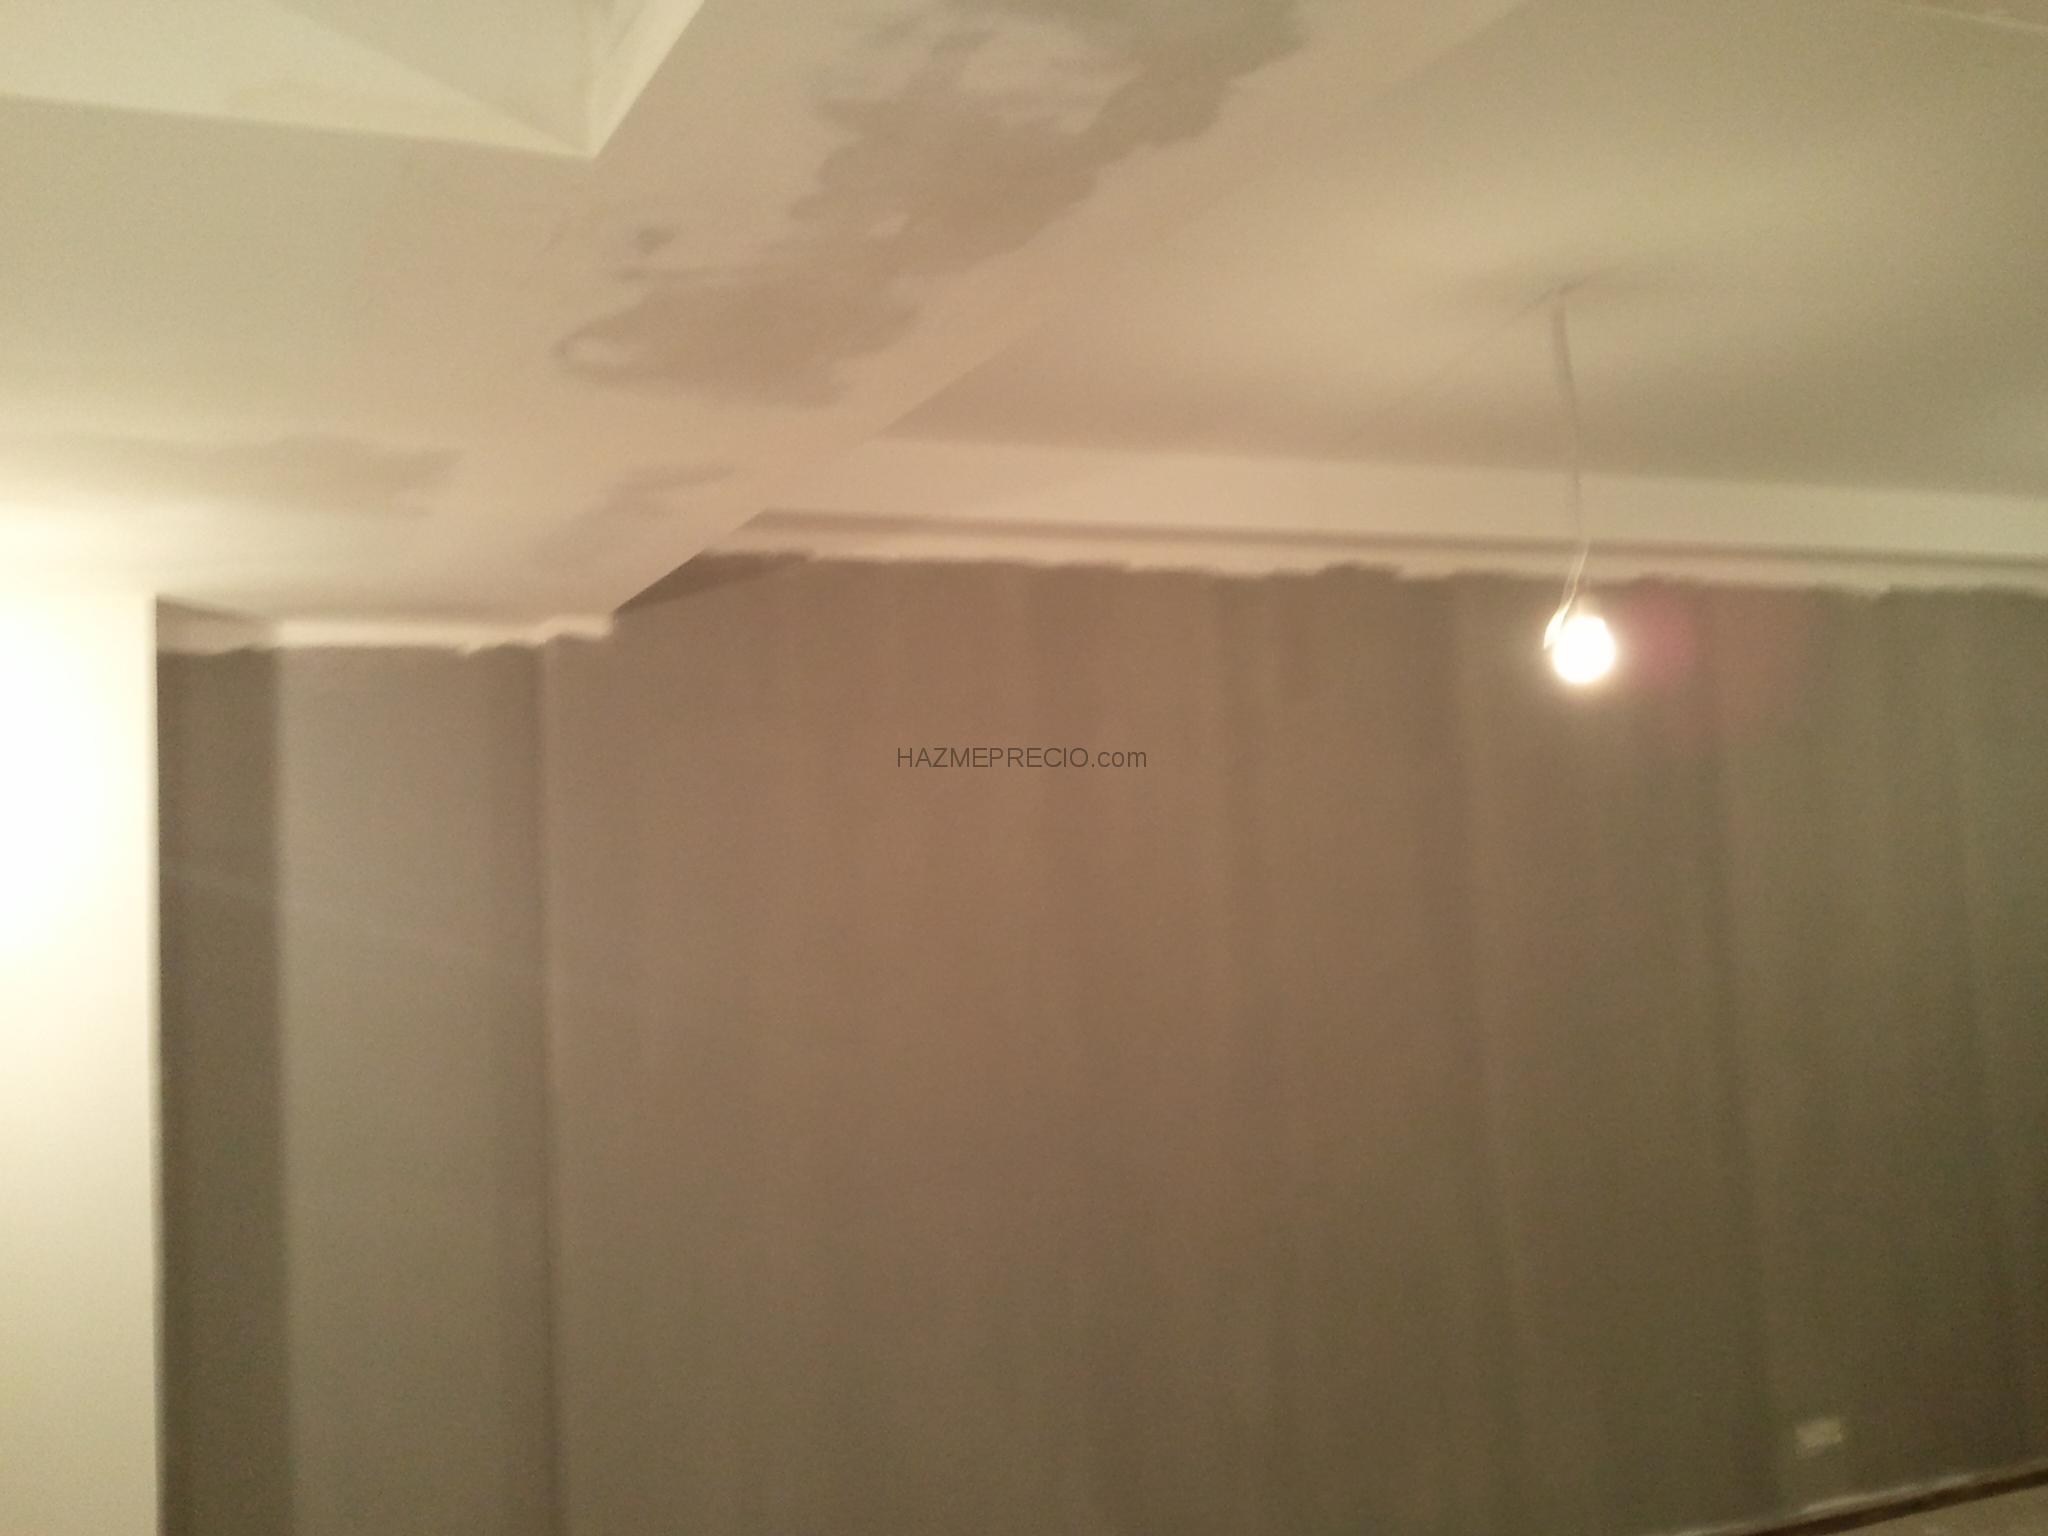 Presupuesto para poner falso techo de escayola bilbao - Precio moldura escayola techo ...